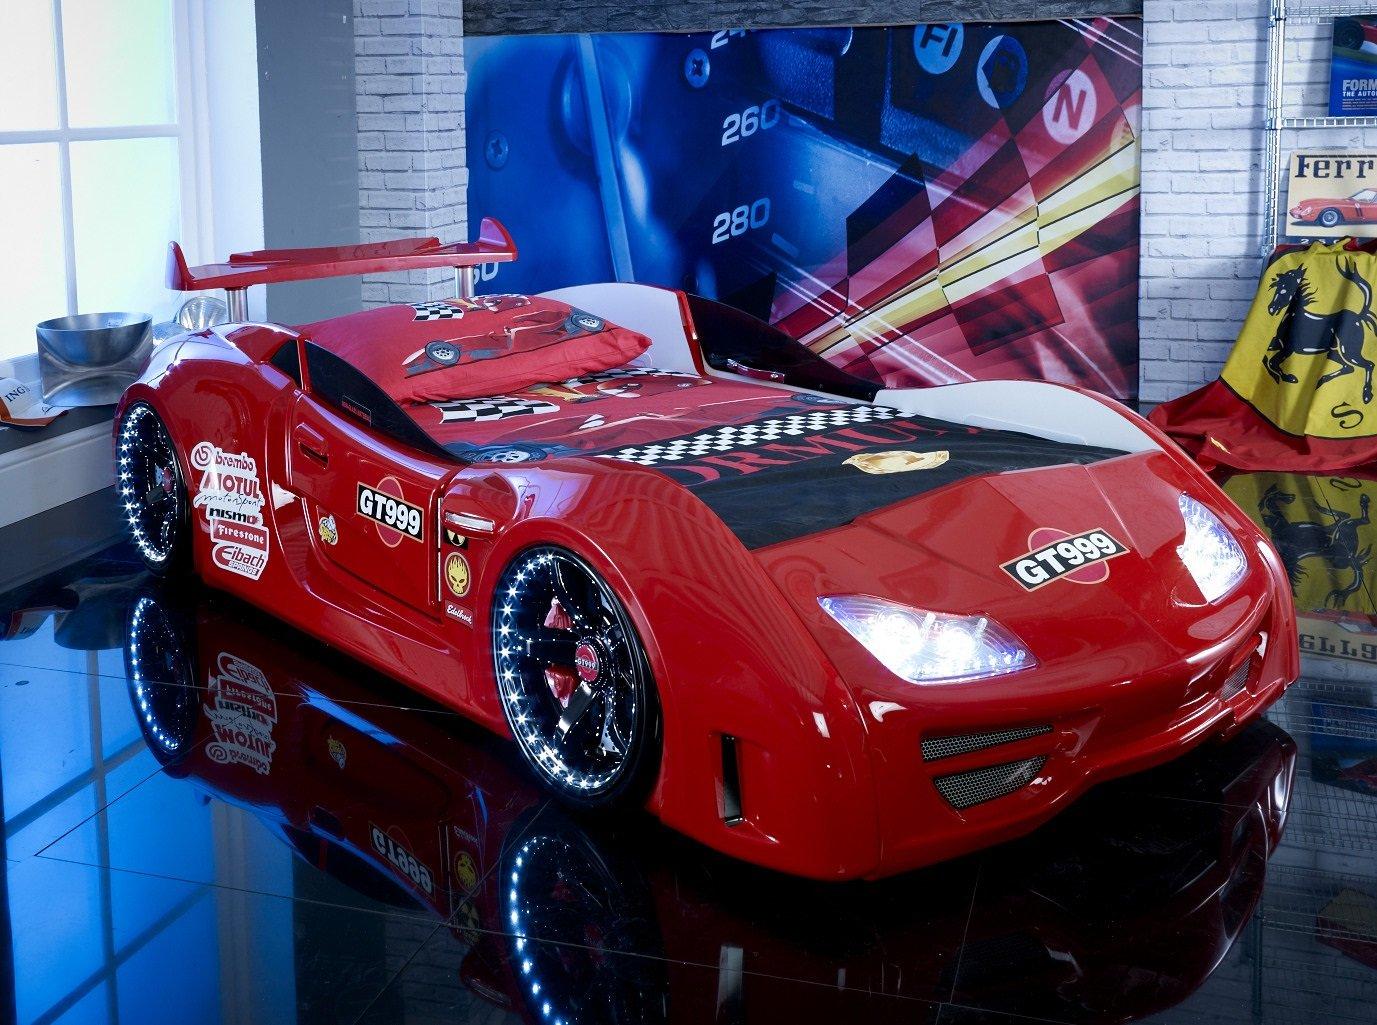 Letto A Forma Di Auto Da Corsa : Carbed shop gt letto per bambino a forma di auto da corsa